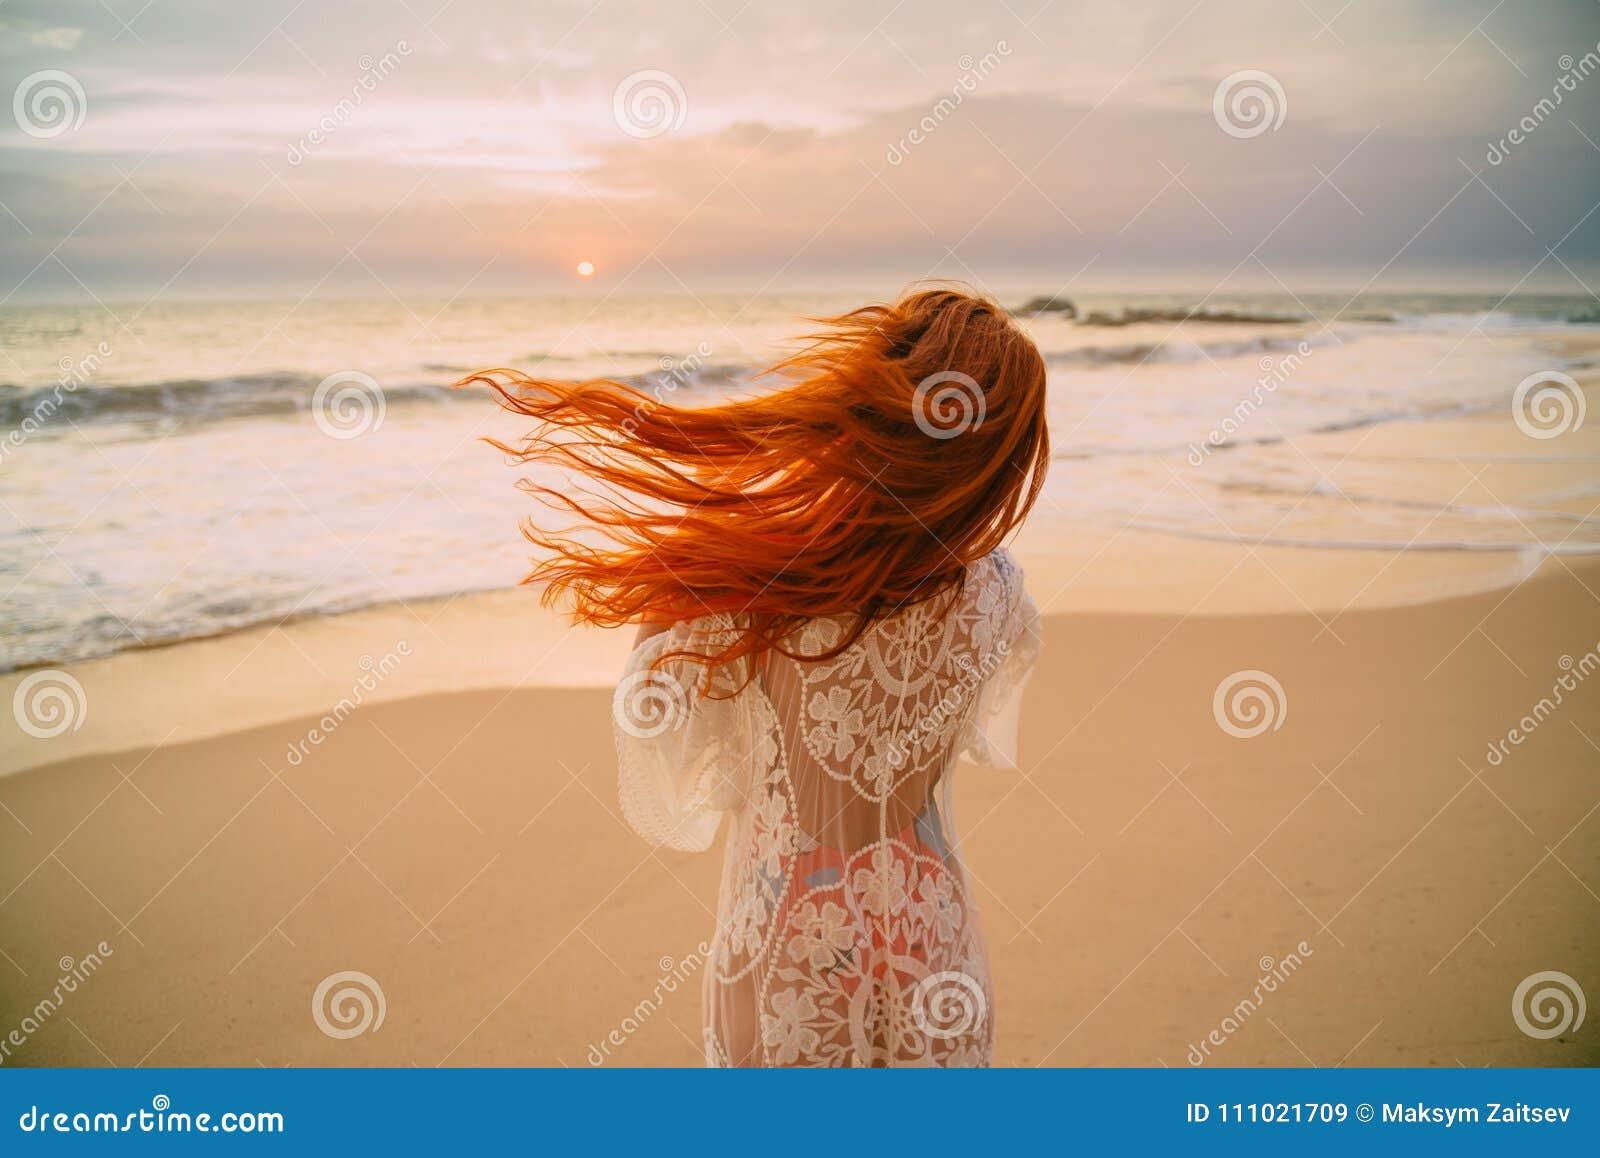 Jonge roodharige vrouw met vliegend haar op de oceaan, achtermening